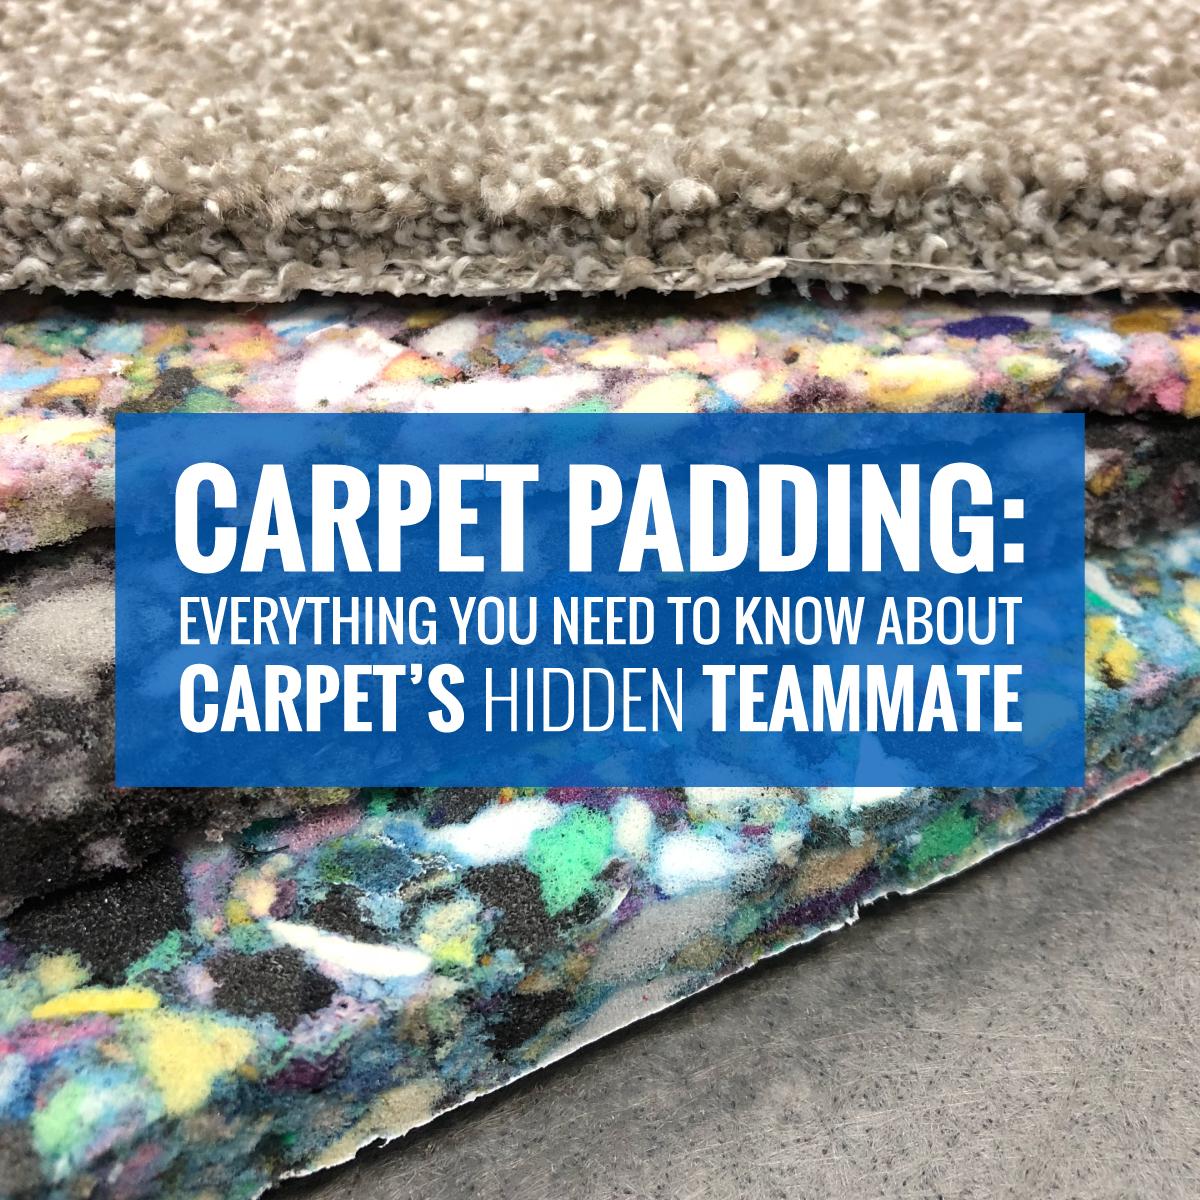 Carpet-Padding-Types_Blog-1200x1200